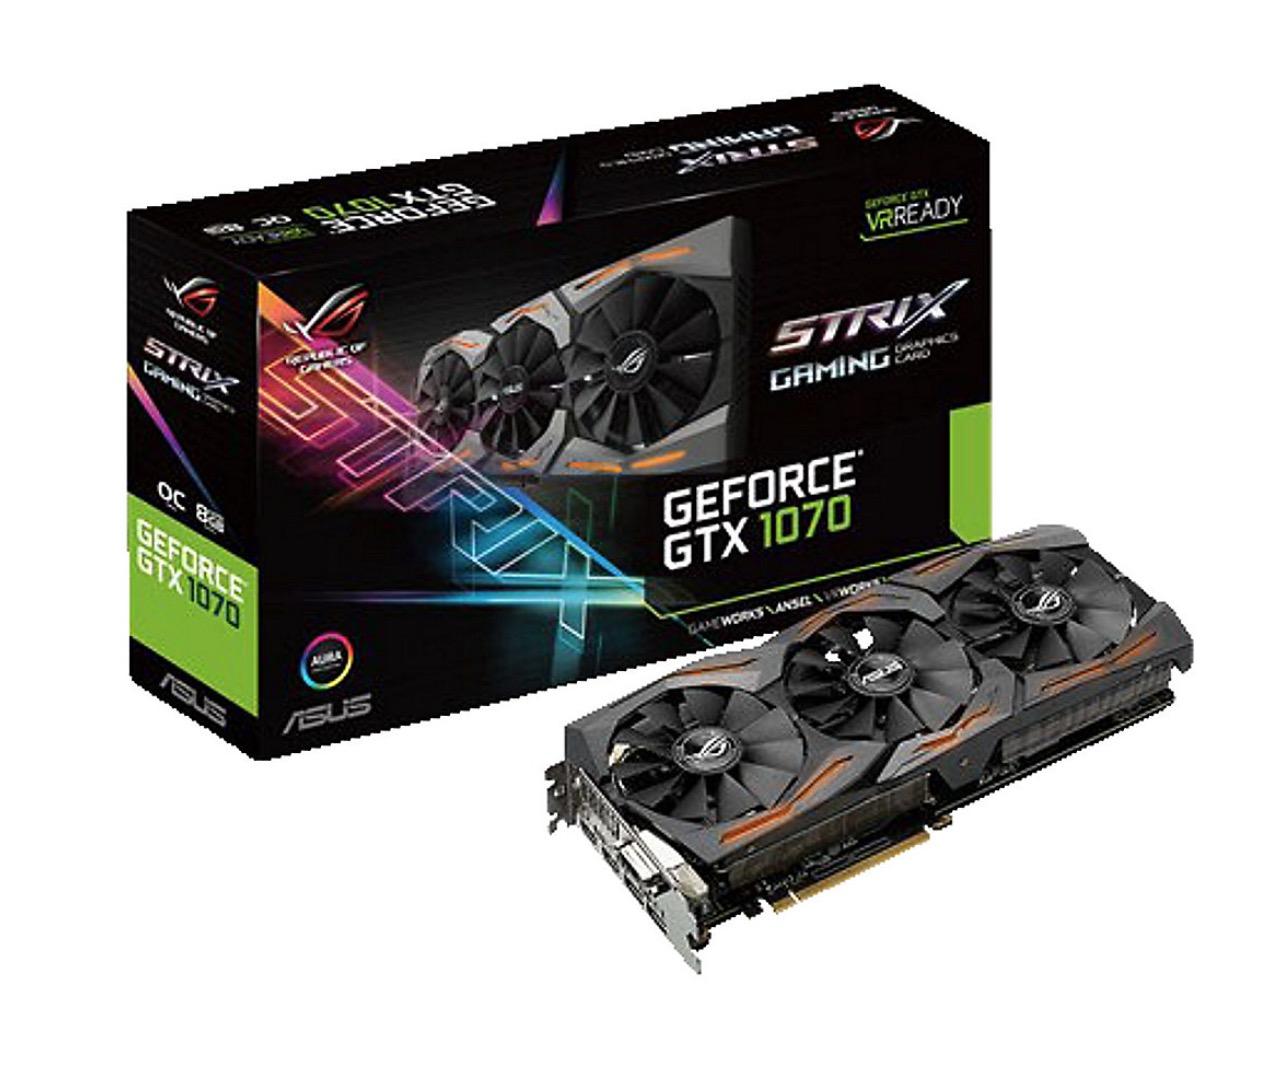 Asus GeForce GTX 1070 Strix ROG 8GB GDDR5 Grafikkarte für nur 319,- Euro inkl. Versand